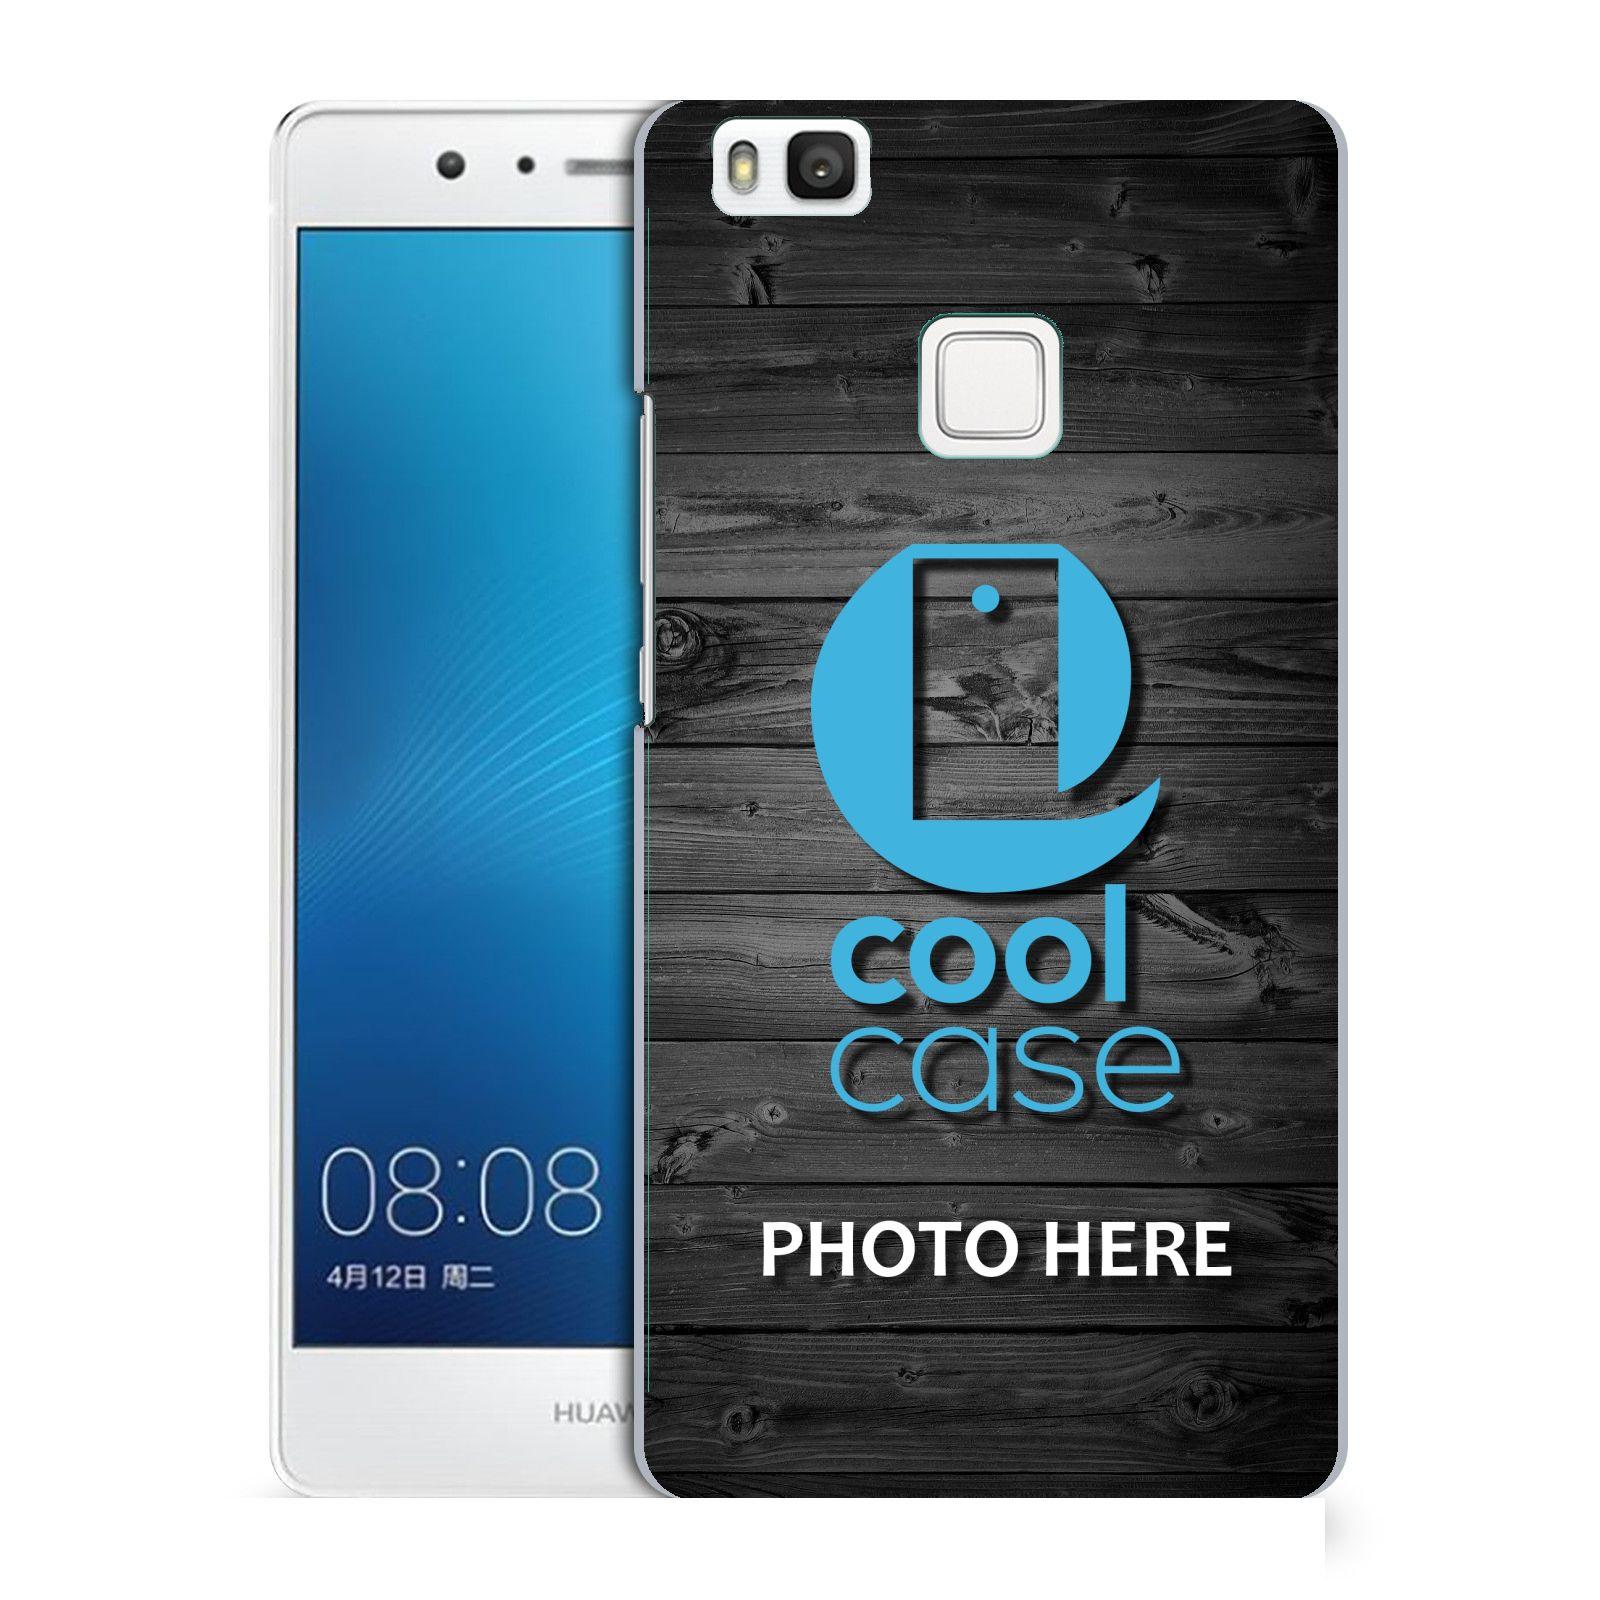 Plastové pouzdro na mobil Huawei P9 Lite s vlastním motivem (Plastový kryt či obal s vlastní fotografií na mobilní telefon Huawei P9 Lite)